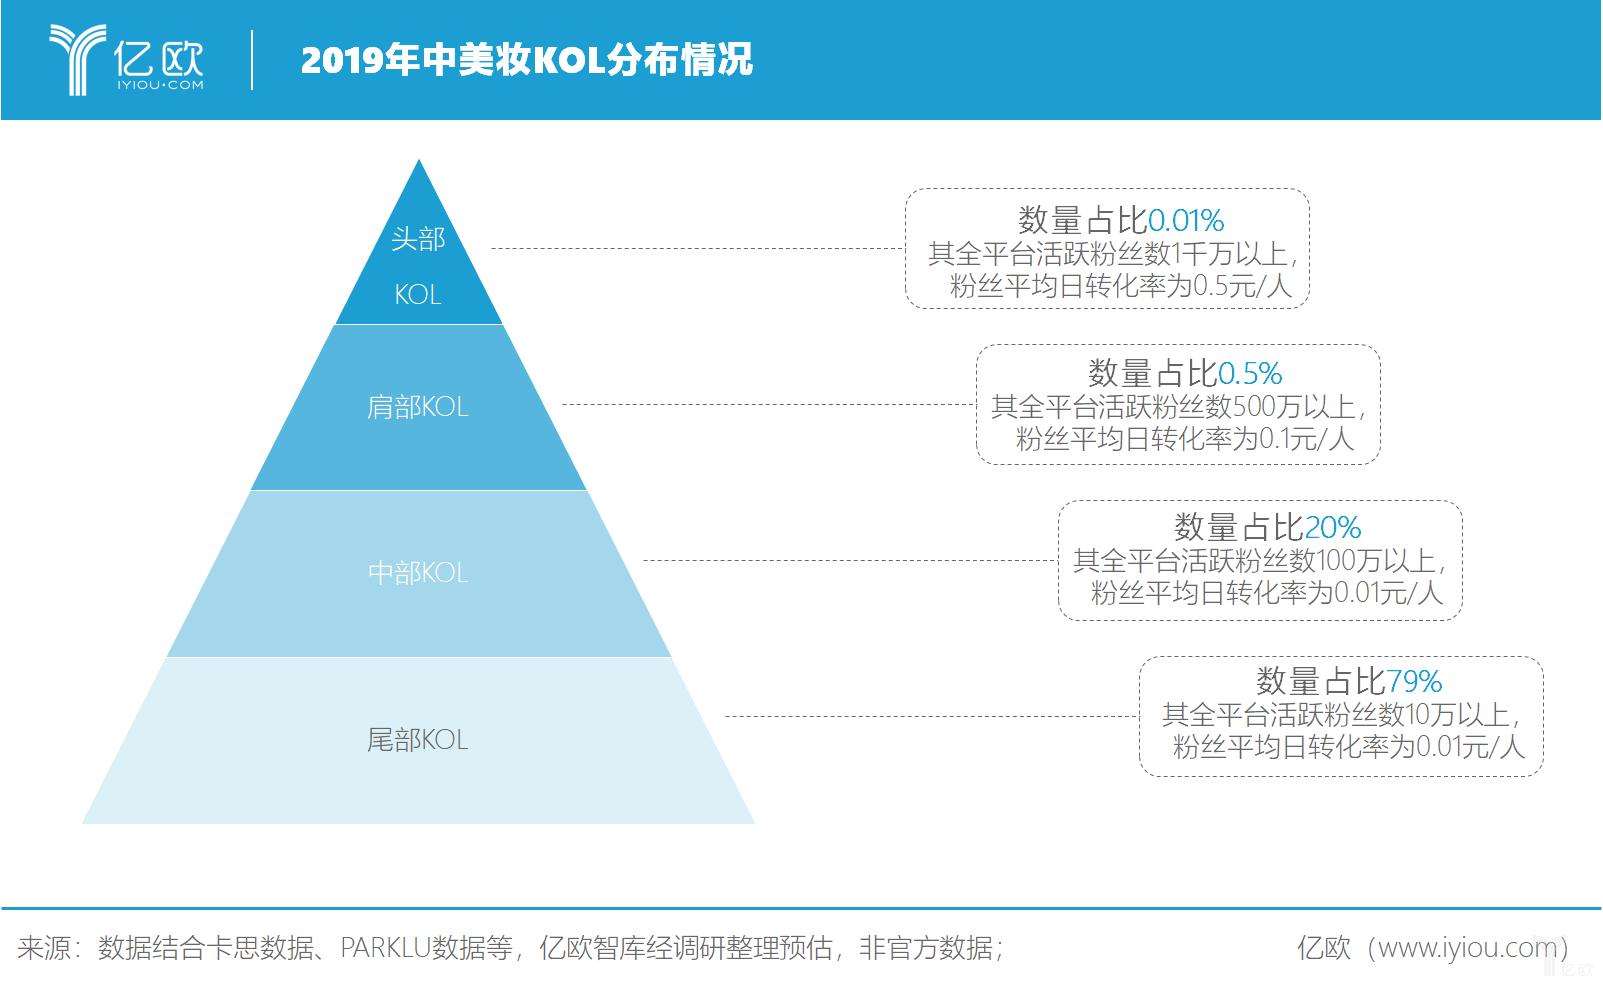 亿欧智库: 2019年中美妆KOL分布情况